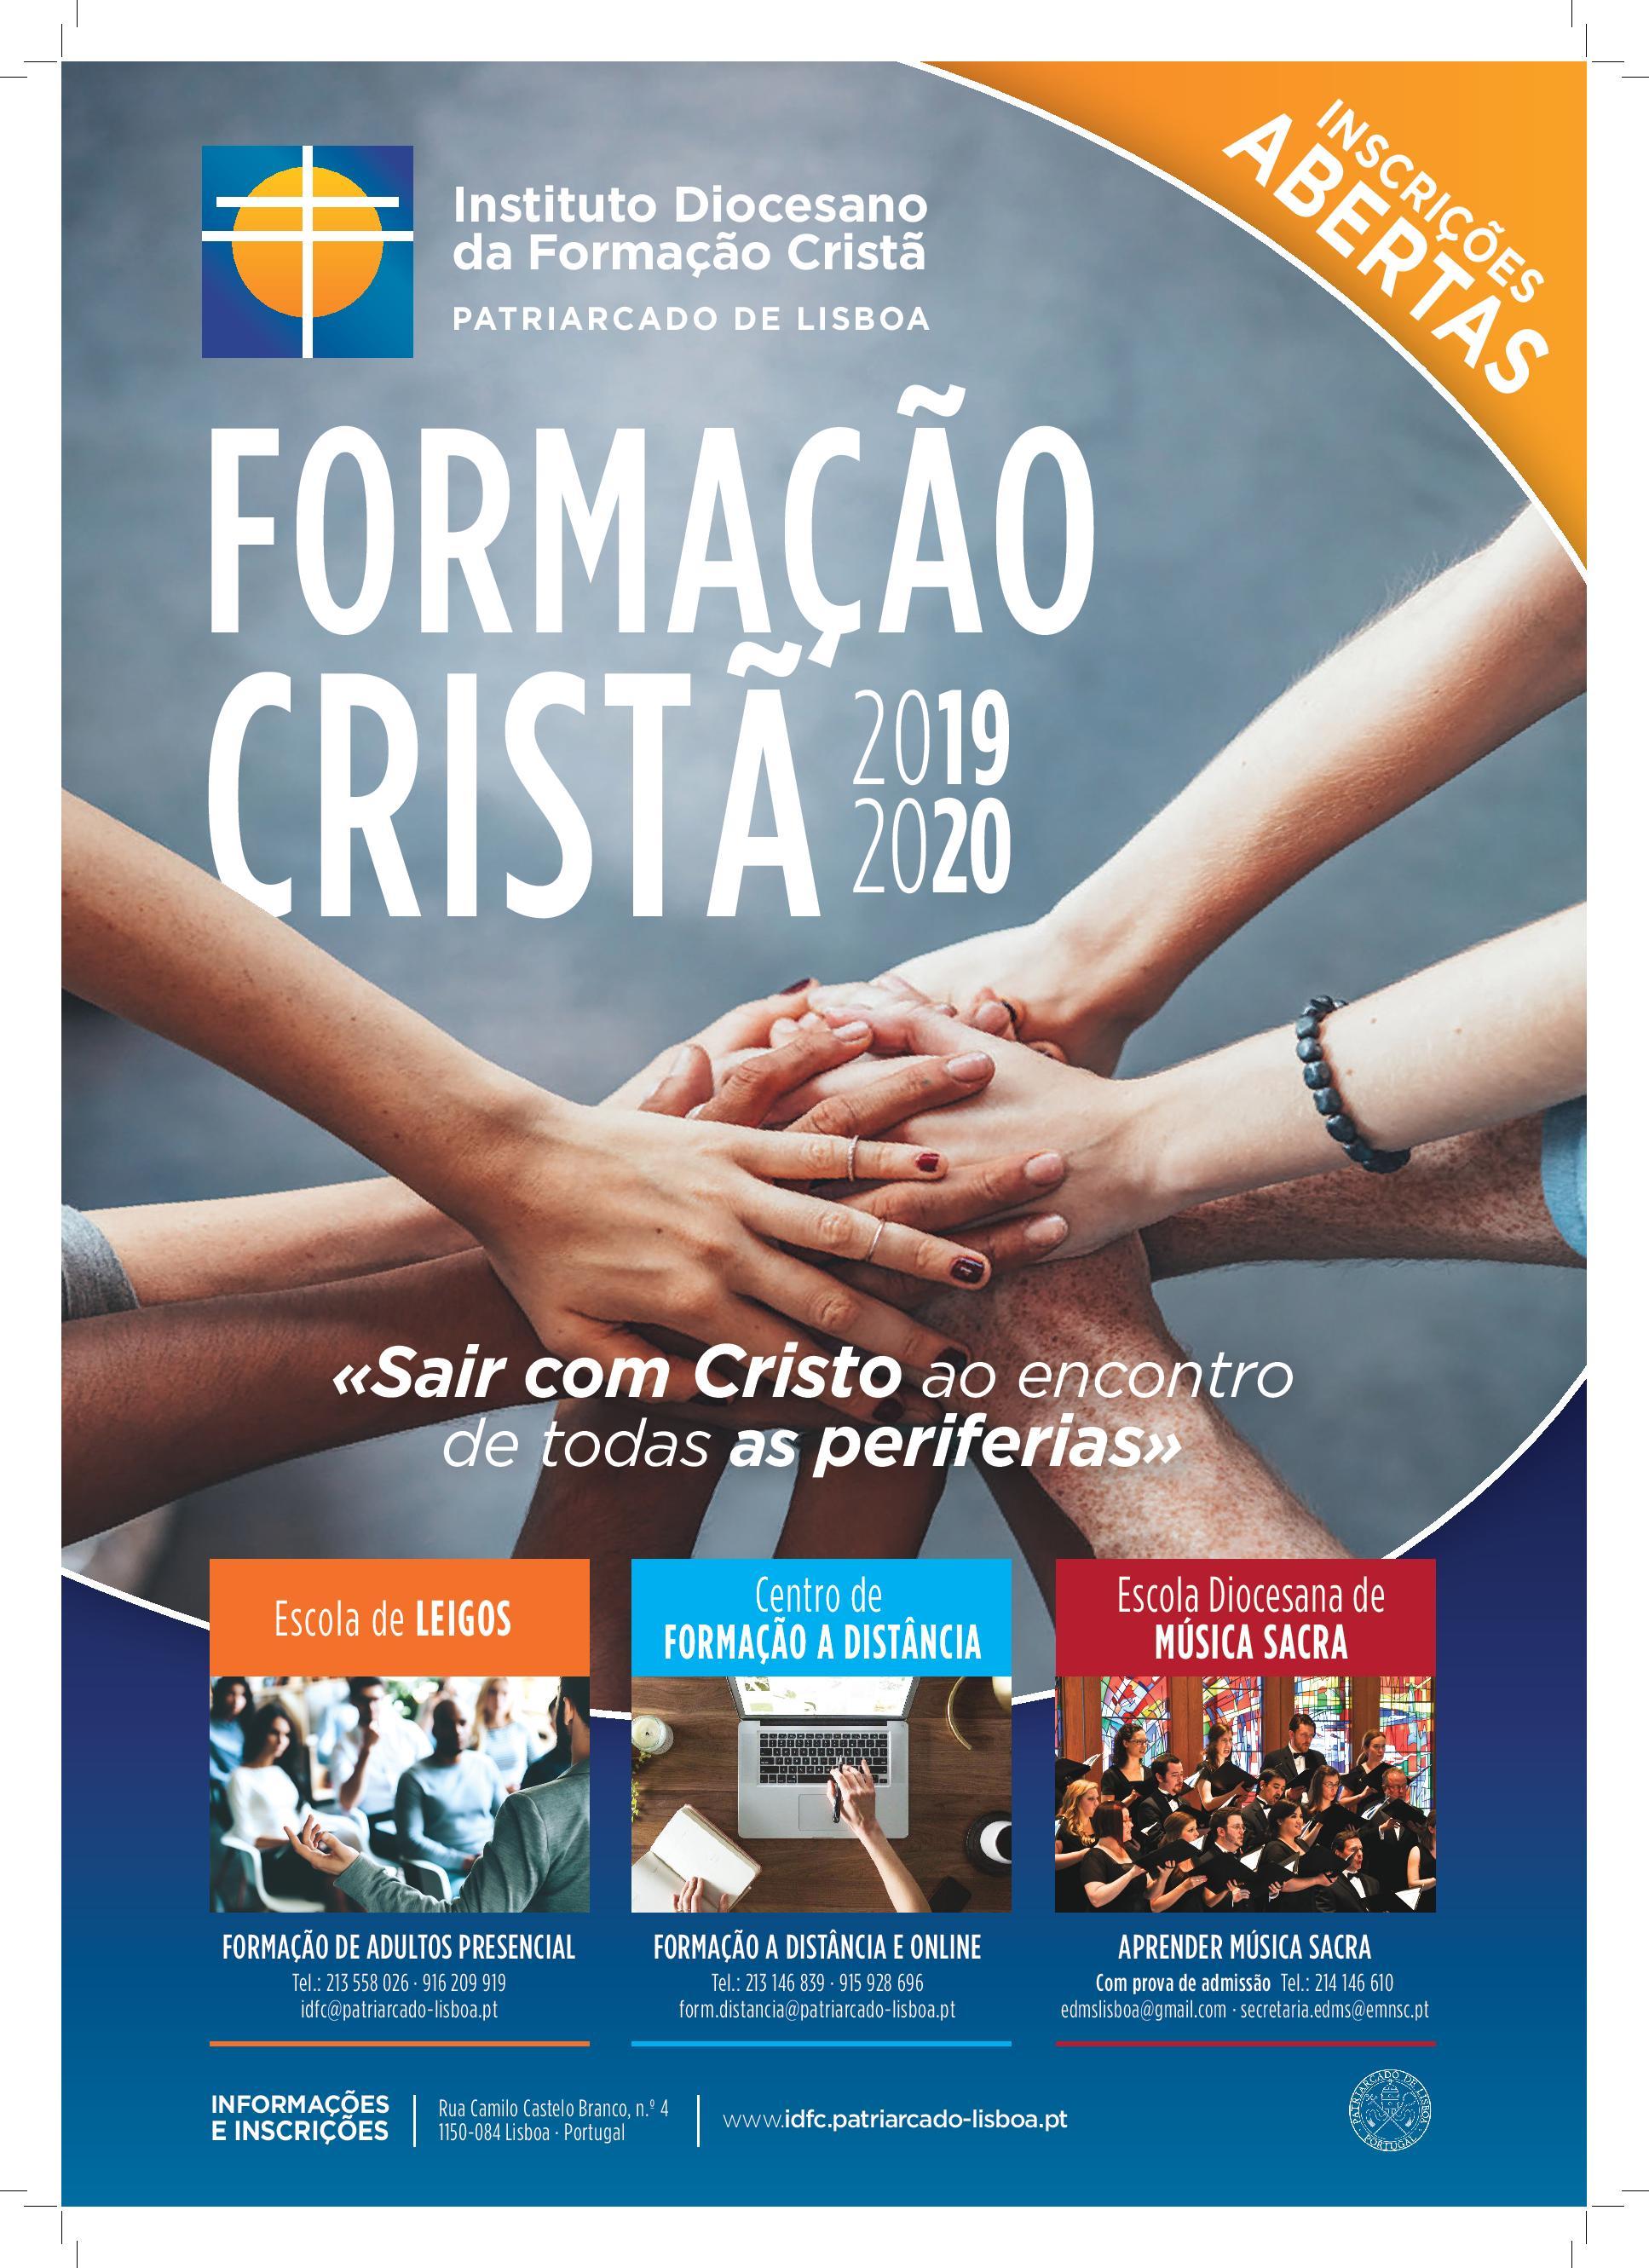 Instituto Diocesano da Formação Cristã – Novo Ano Pastoral 2019-2020